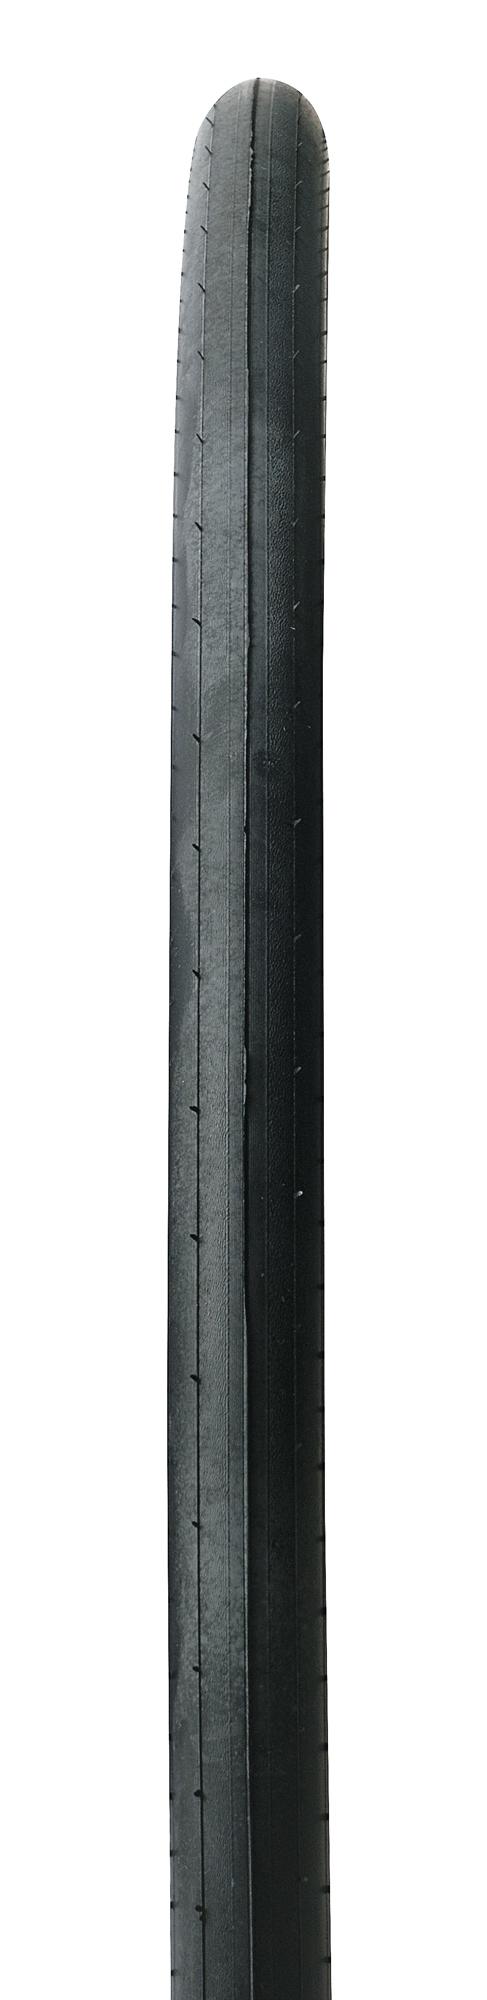 plášť HUTCH.EQUINOX 2 700x25 kevlar set 2ks, černý